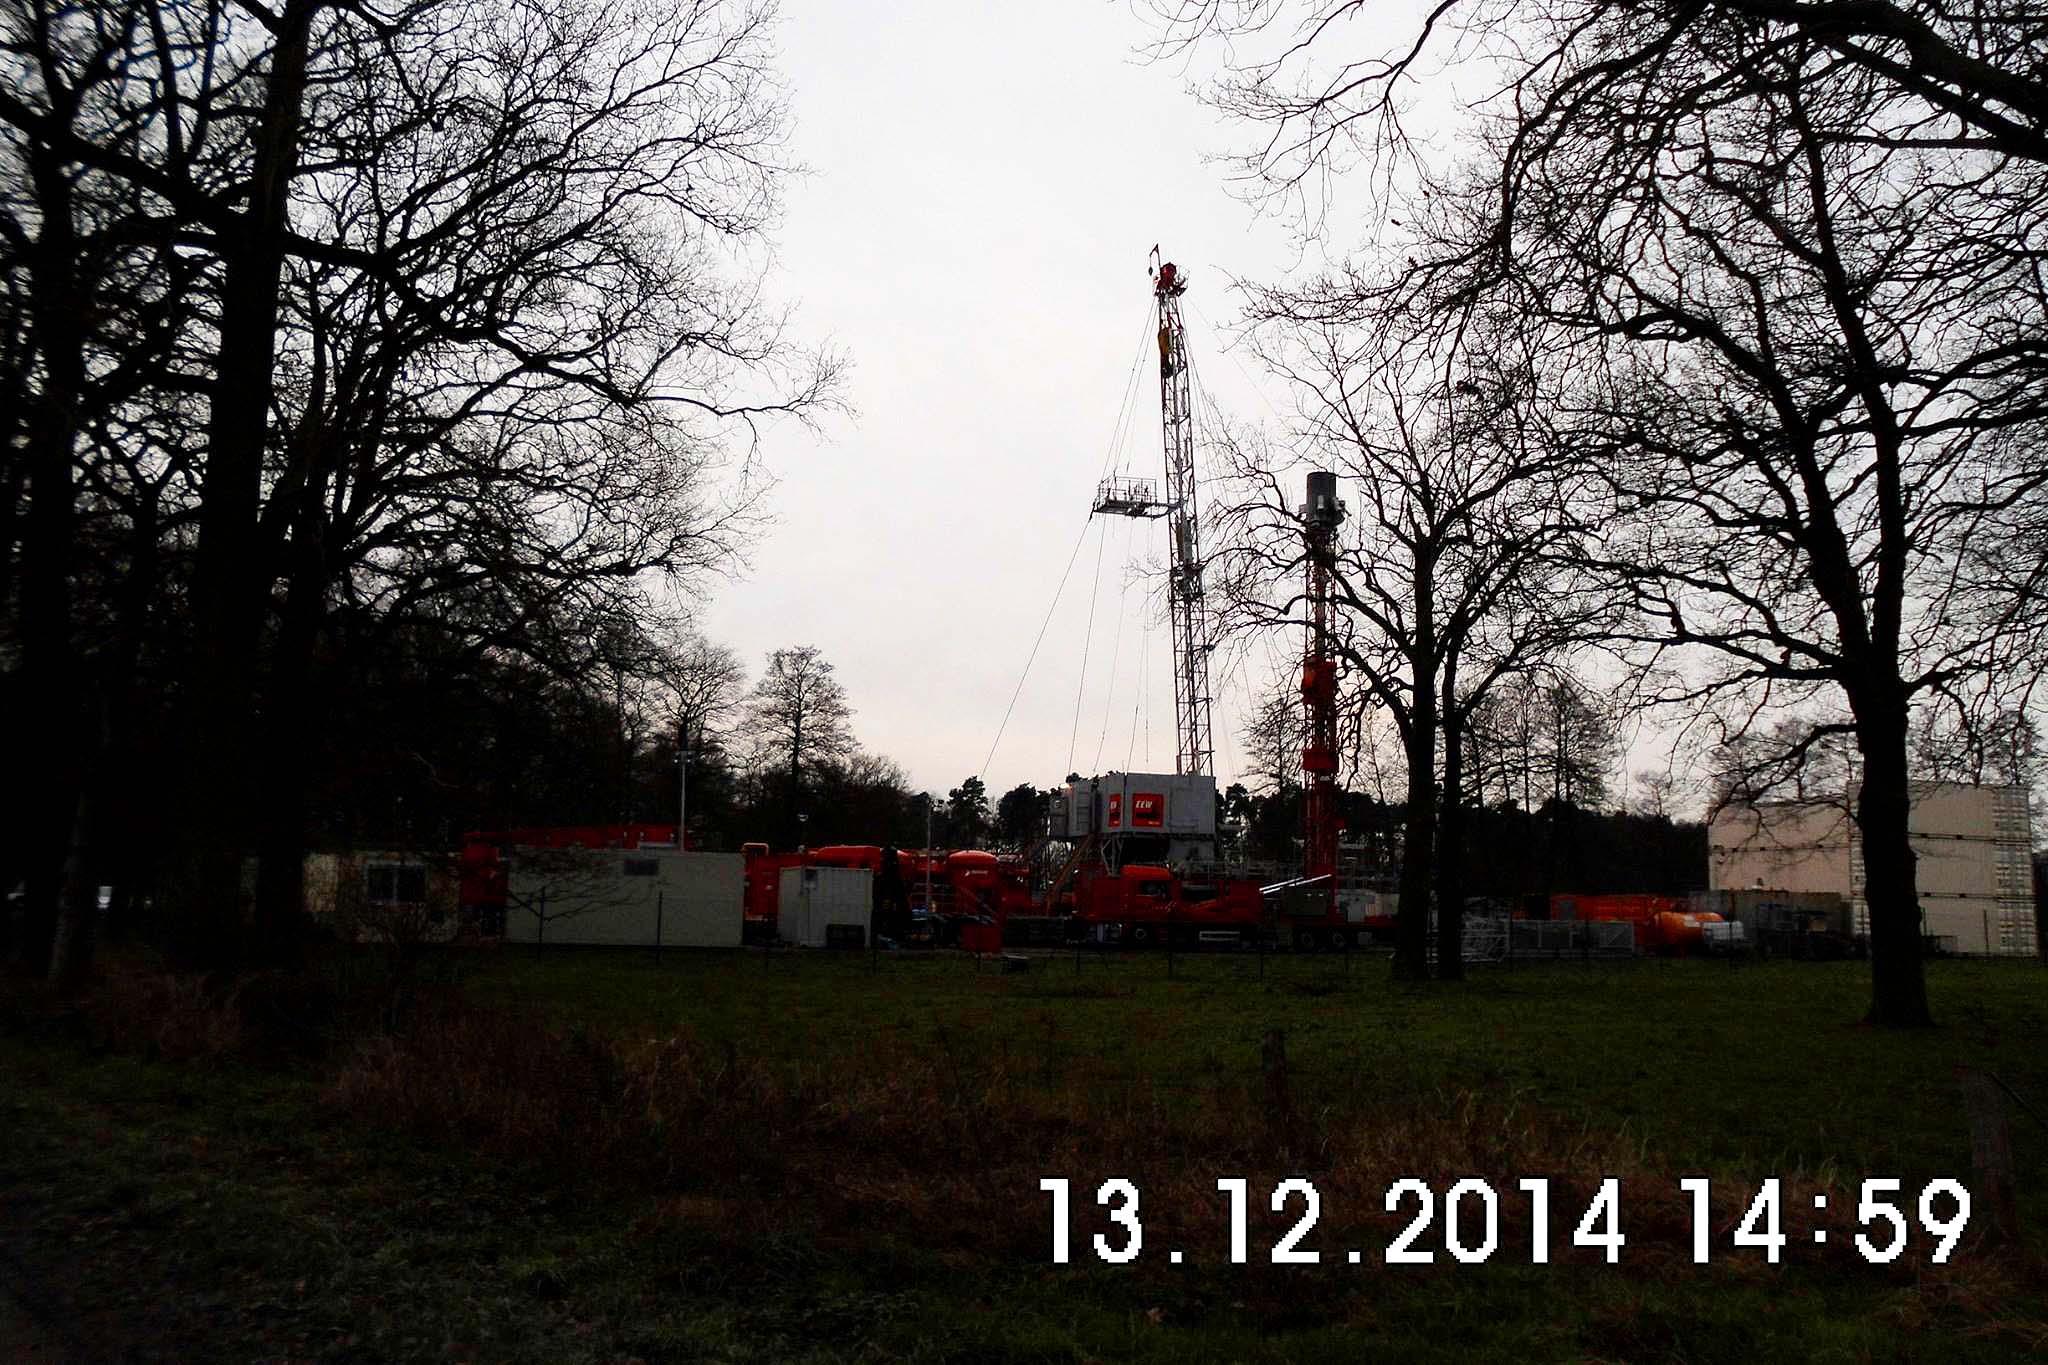 """EEW-Workoveranlage T-44 auf Erdgasförderbohrung """"Wenze1"""" Foto: D. U. Merten"""